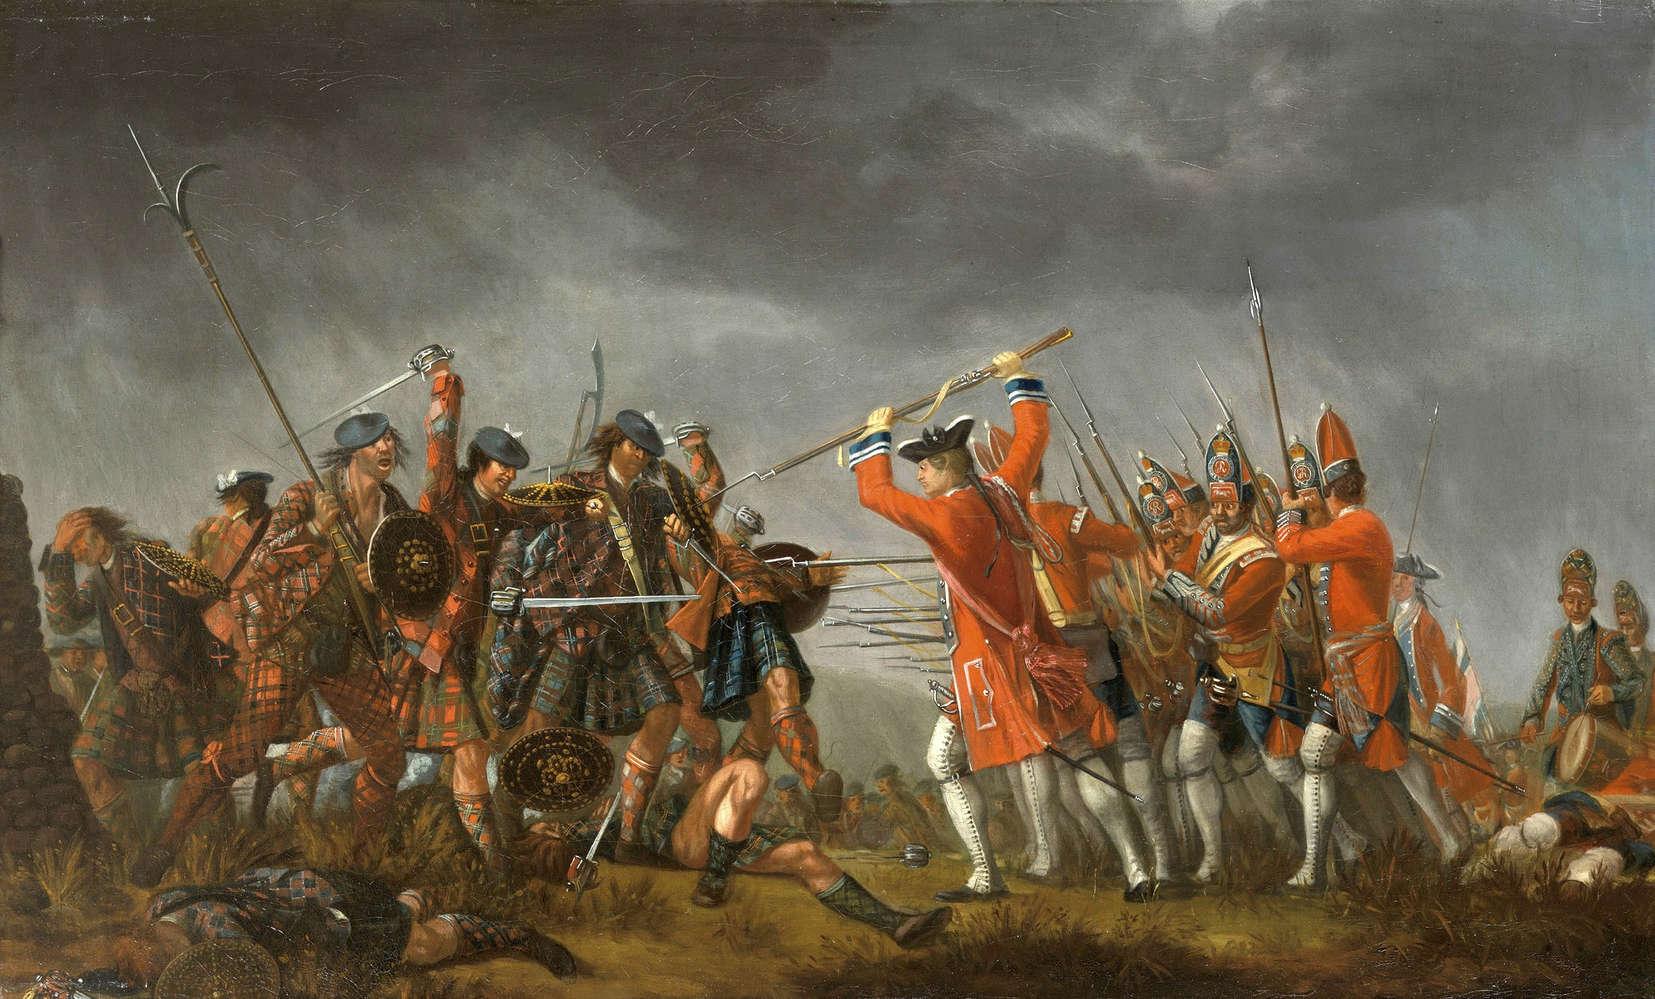 The Battle of Culloden, David Morier